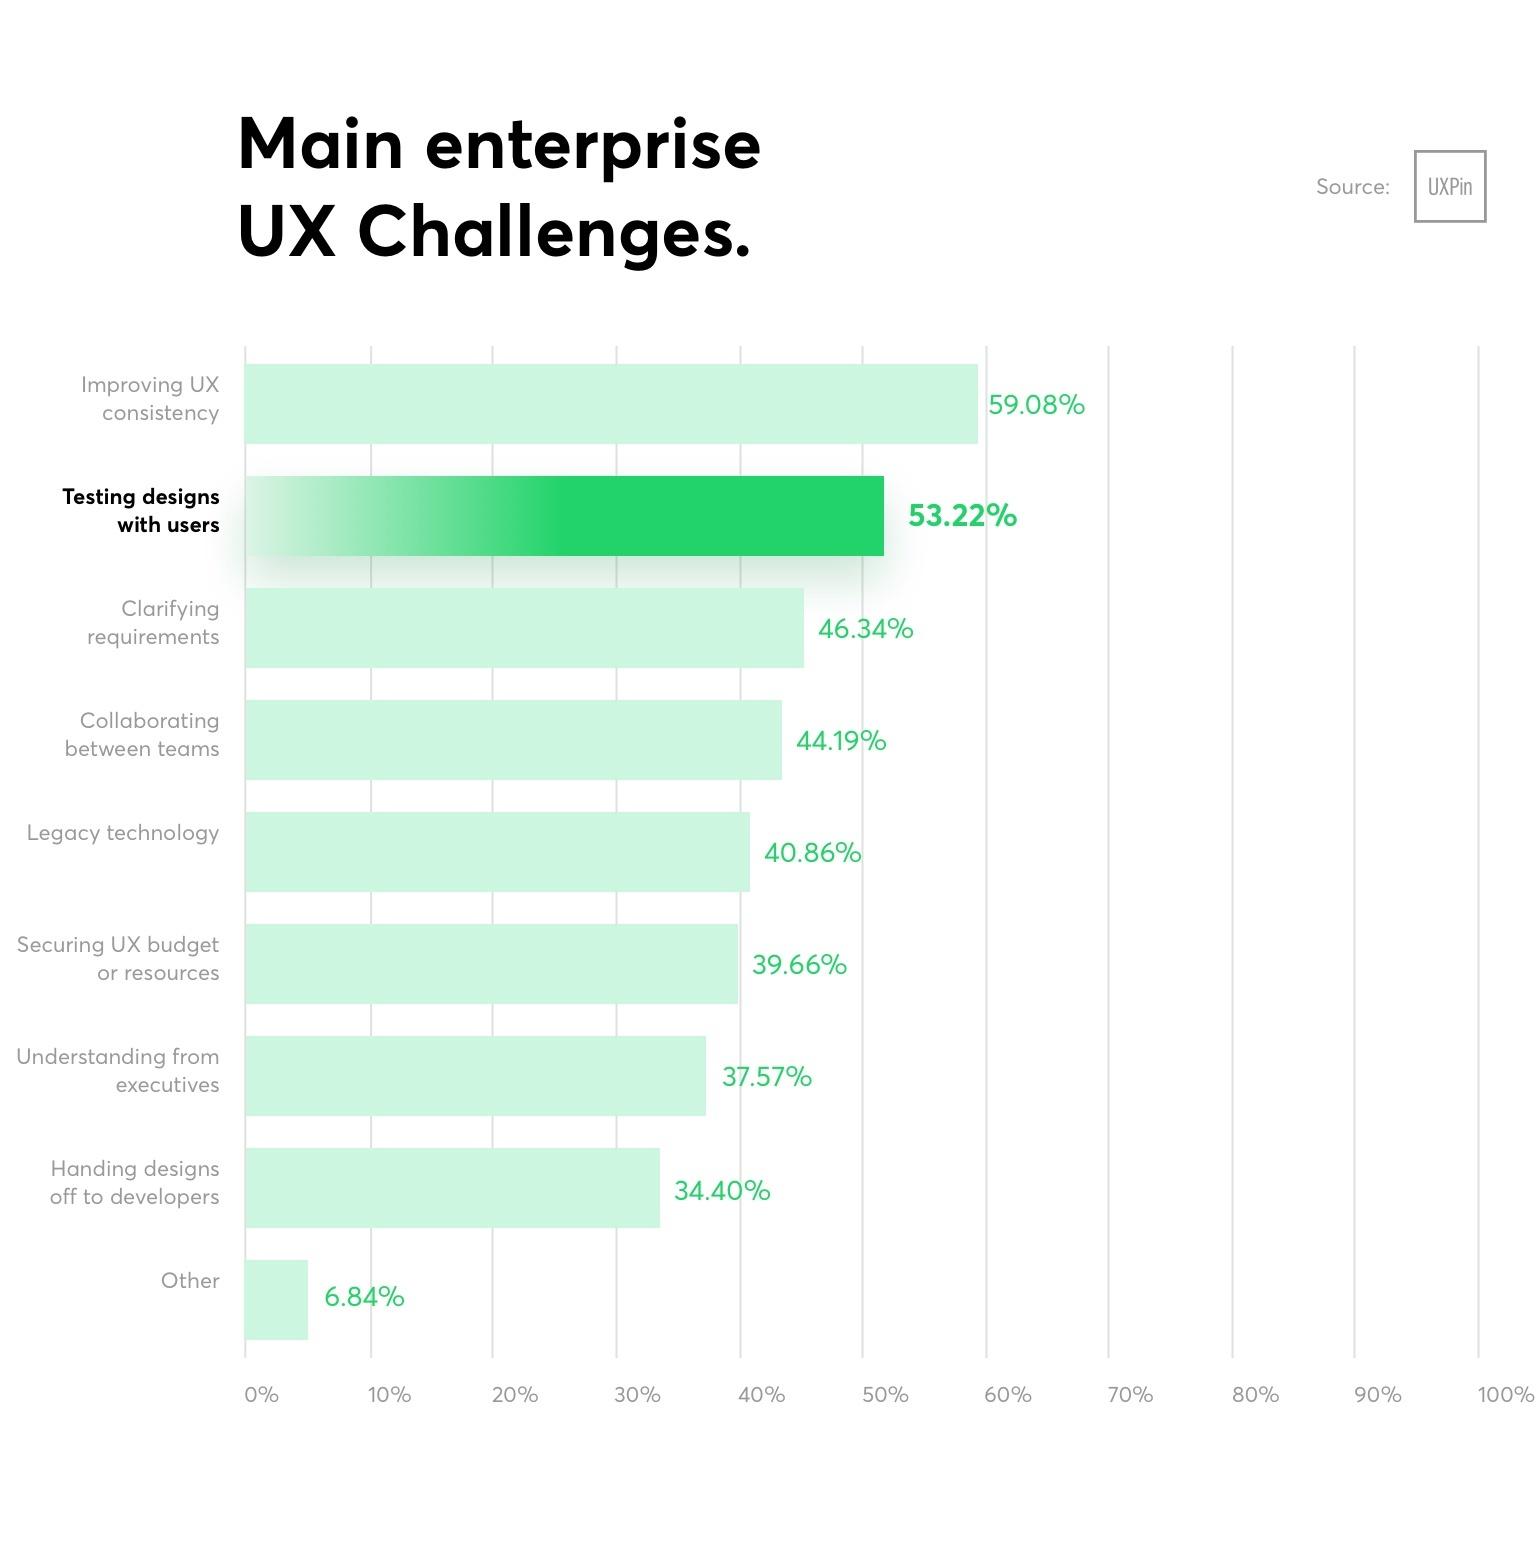 Main Enterprise UX challenges@2x